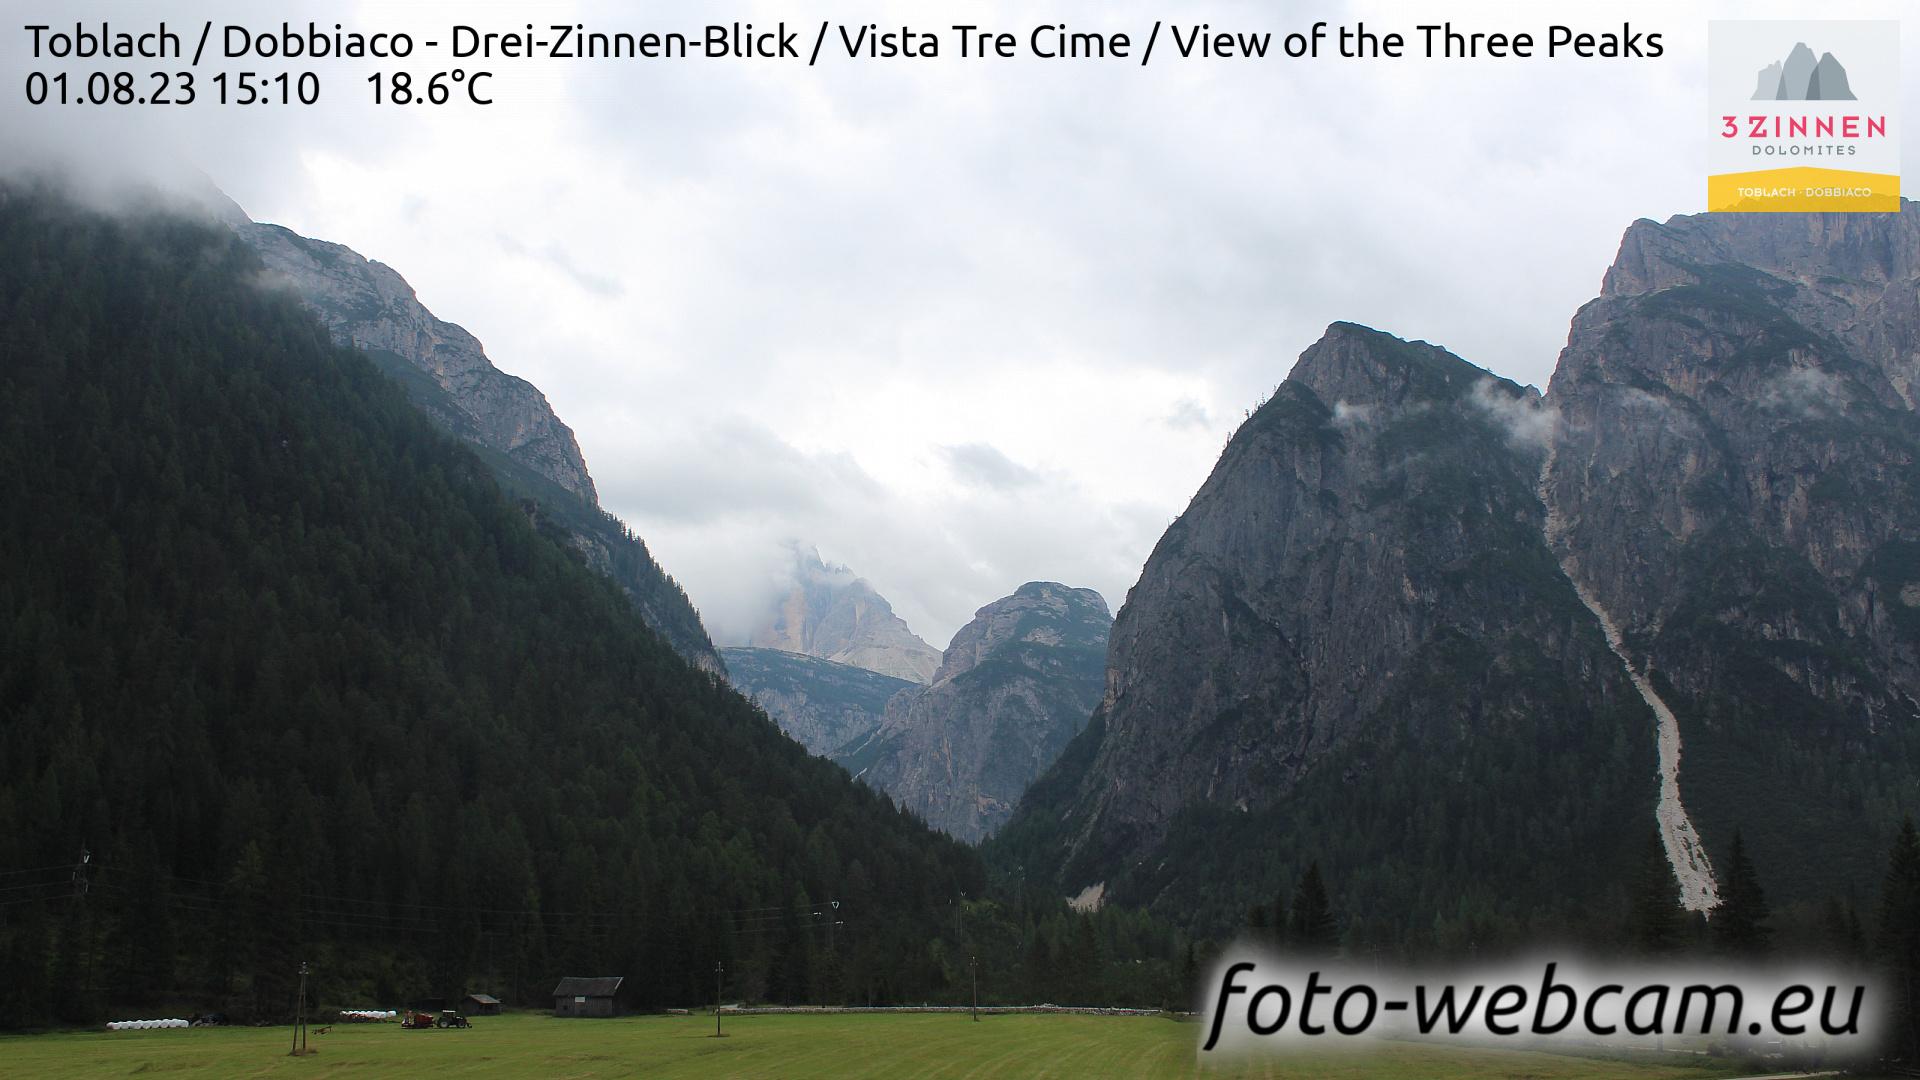 Toblach (Dolomites) Mon. 15:27